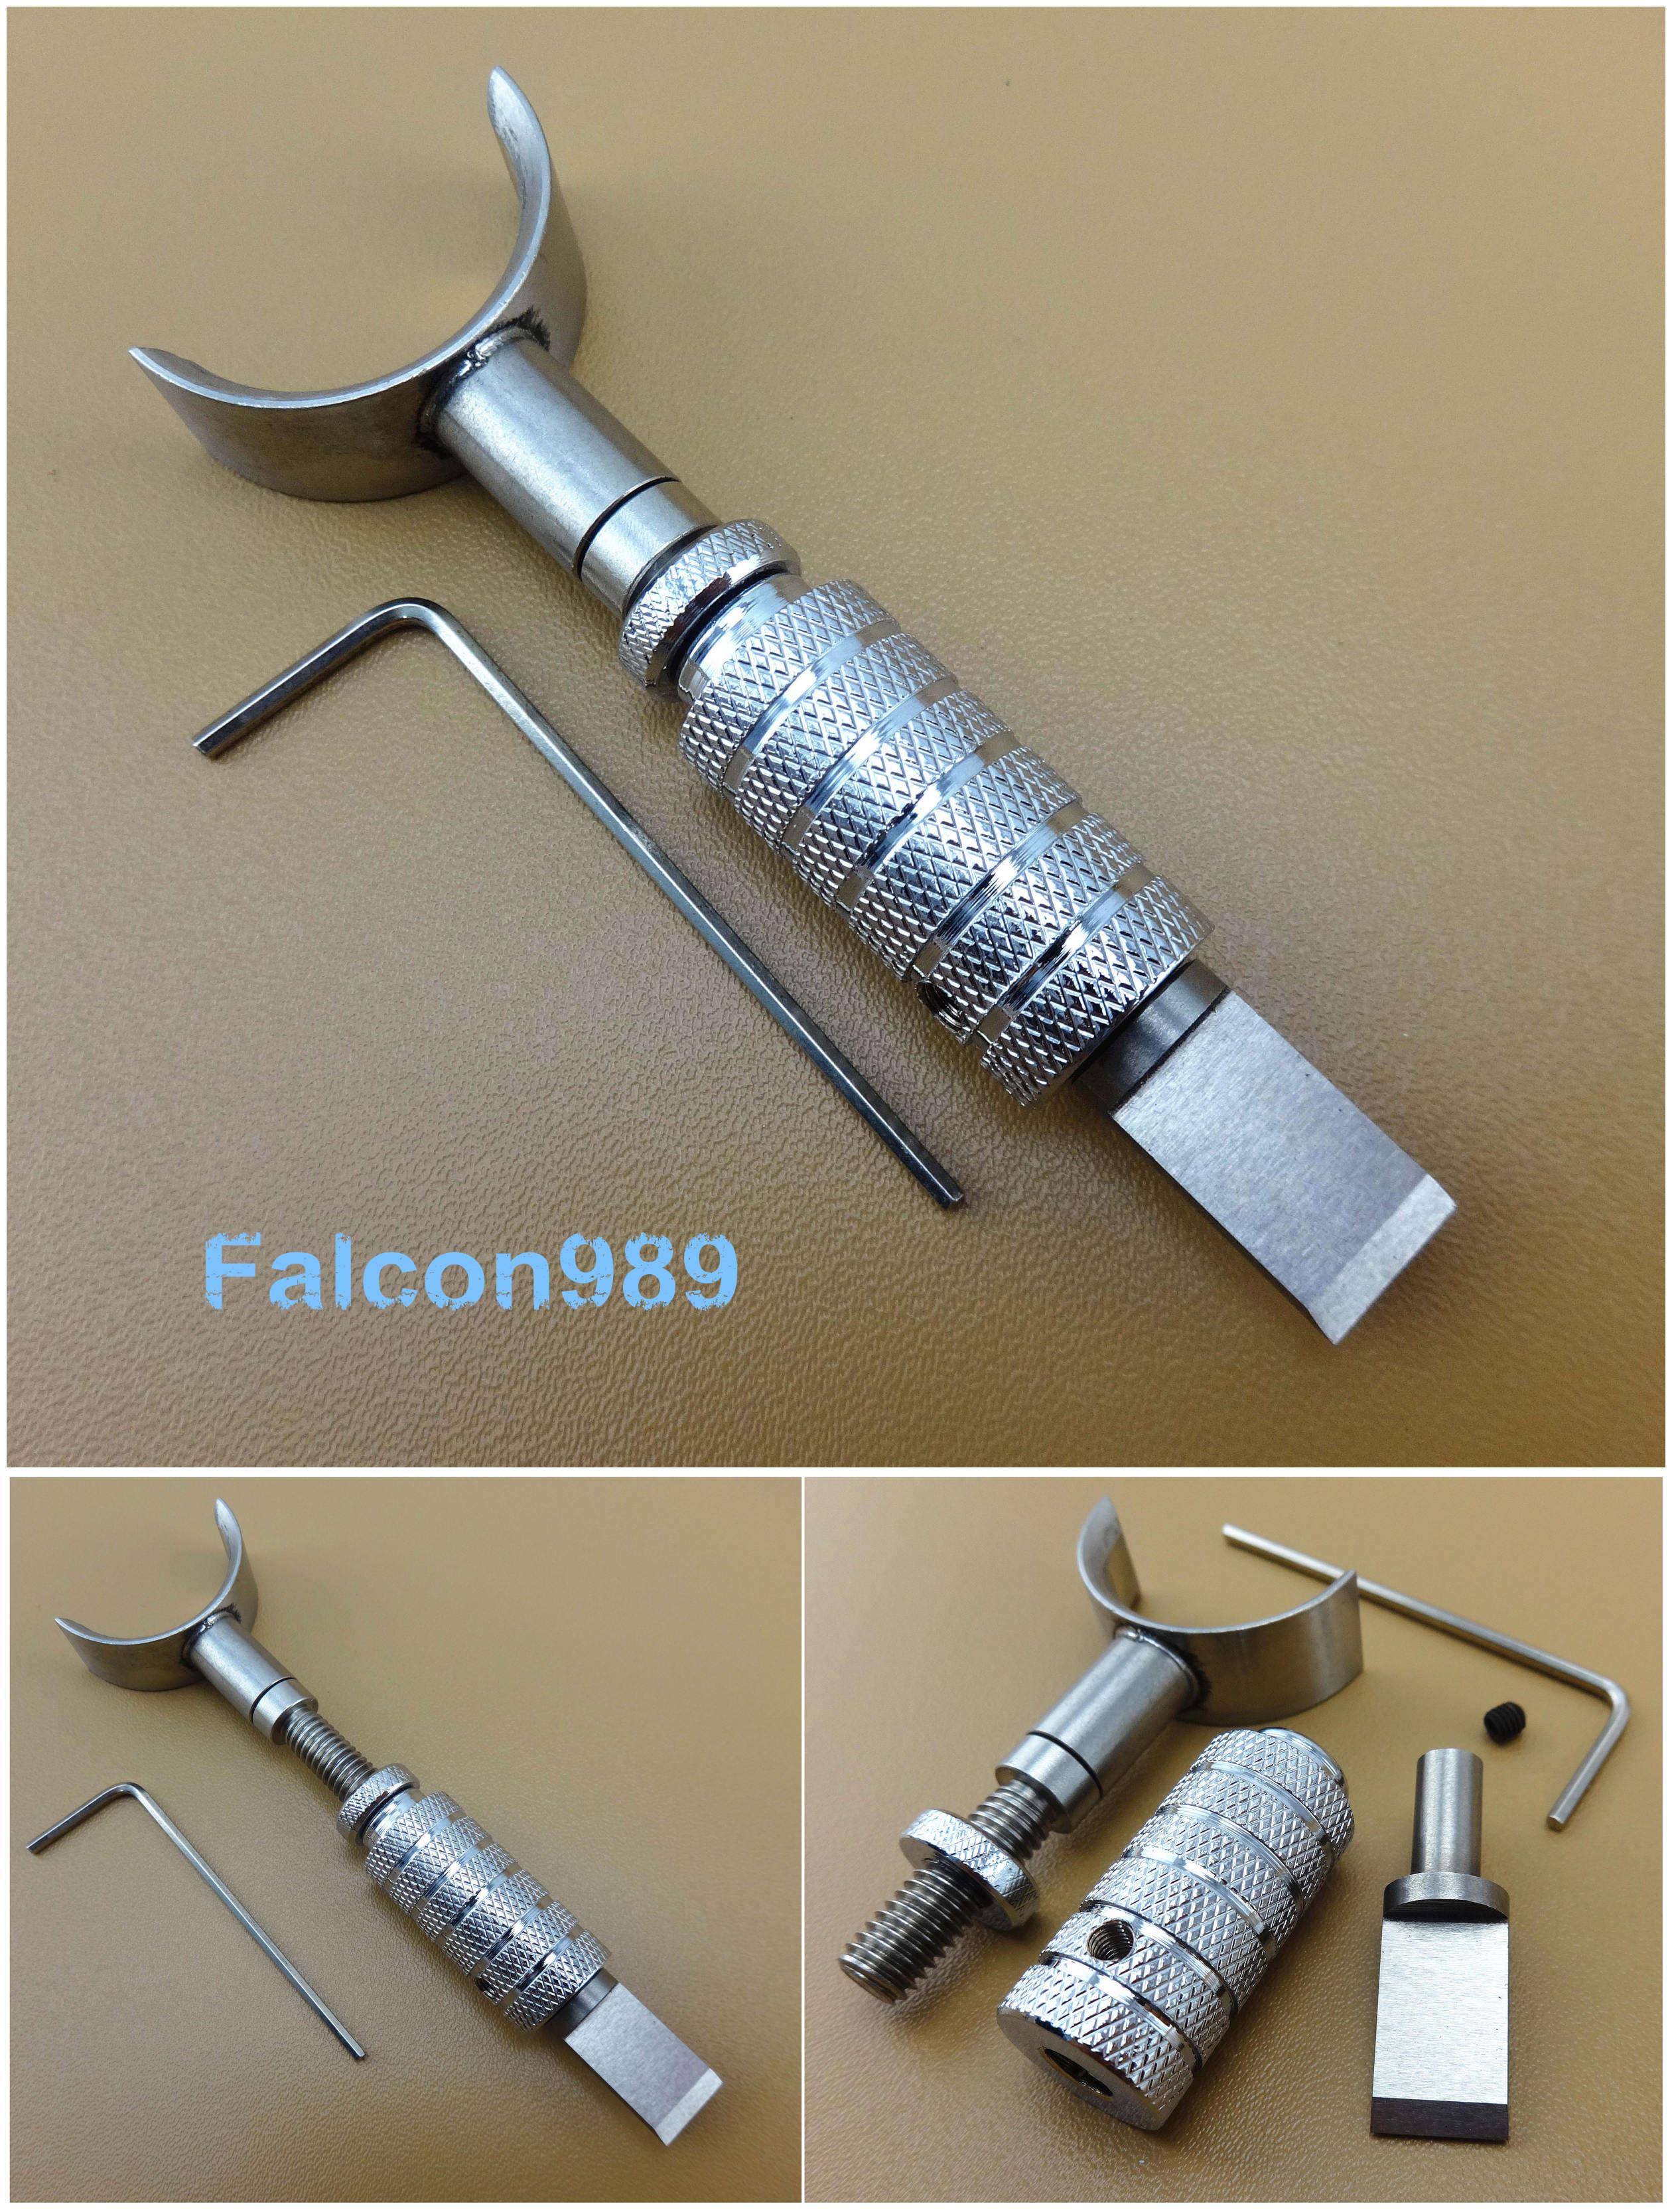 Cuchillo giratorio de cuero herramienta de corte de acero inoxidable resistente al trabajo cuchillo de talla ajustable Cuchillo giratorio de acero inoxidable